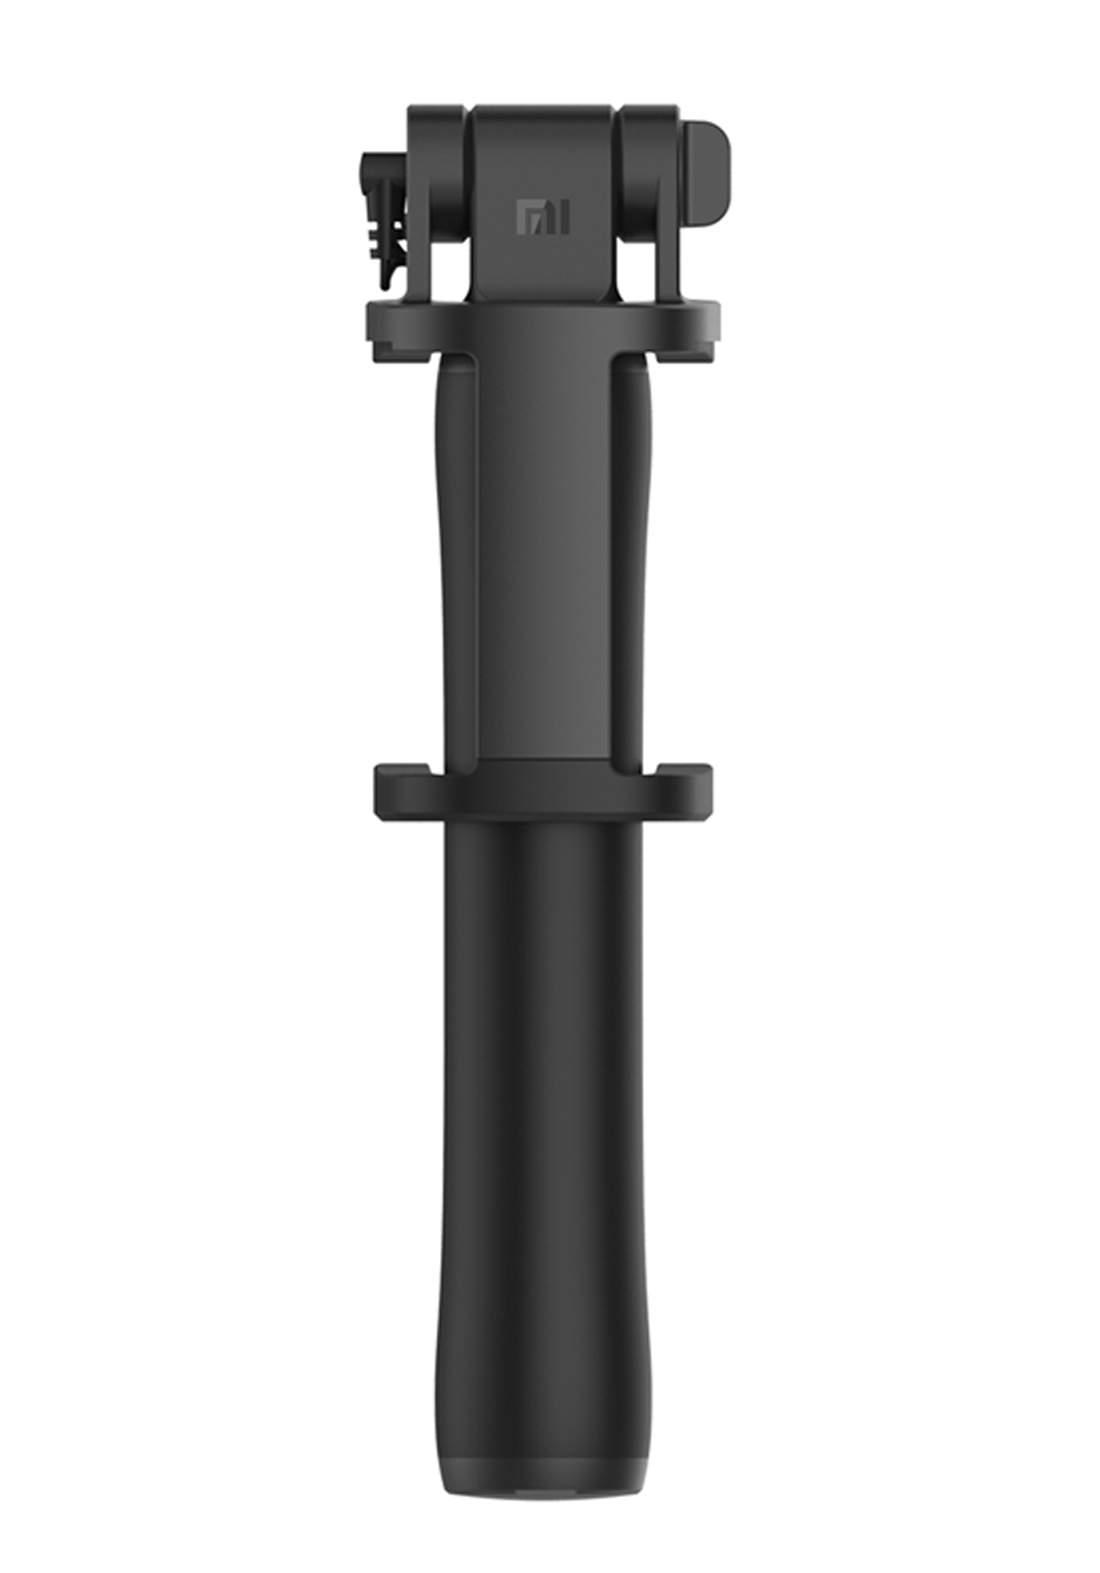 Xiaomi Mi Selfie Stick (Wired Remote Shutter) عصى سيلفي